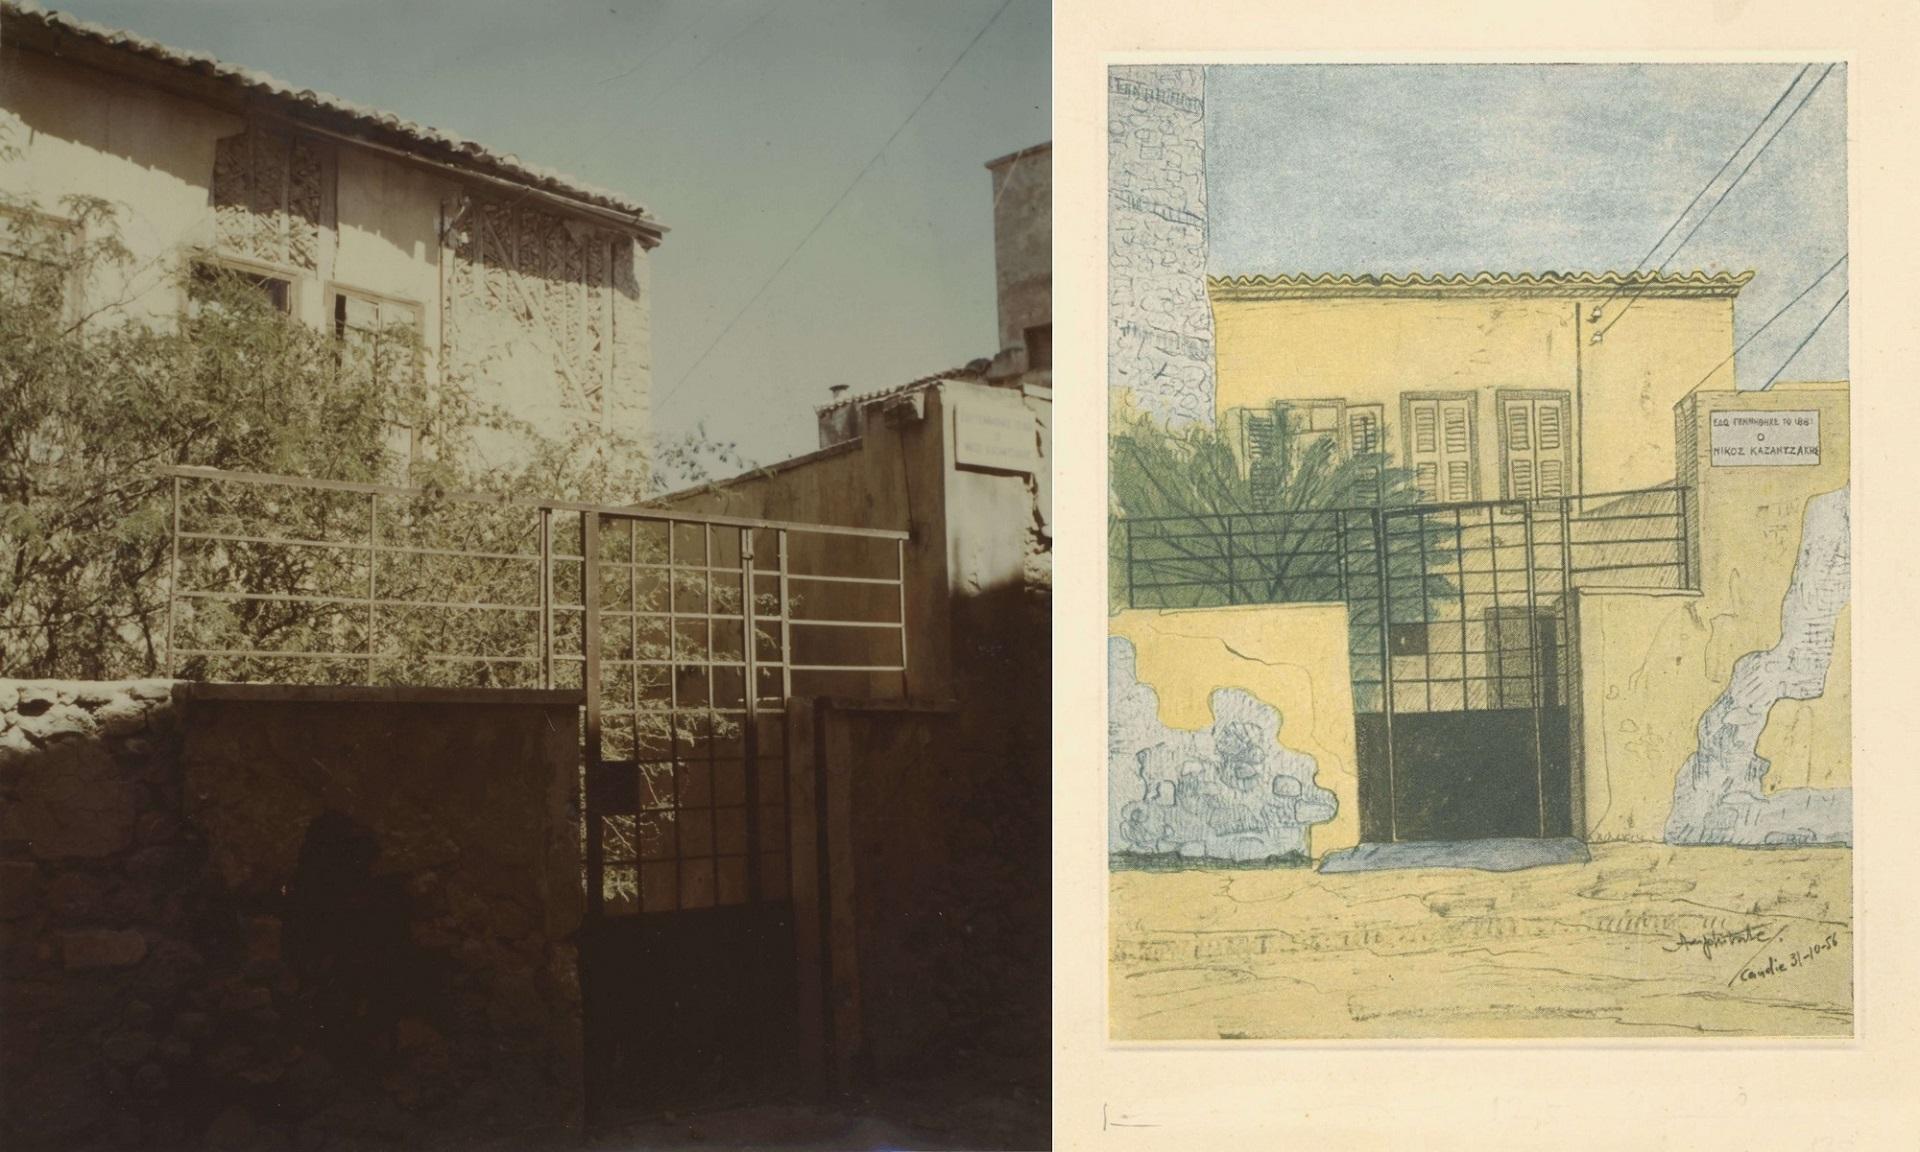 Φωτογραφία (αριστερά) και ζωγραφική απόδοσης (δεξιά) της οικίας Καζαντζάκη στο Ηράκλειο